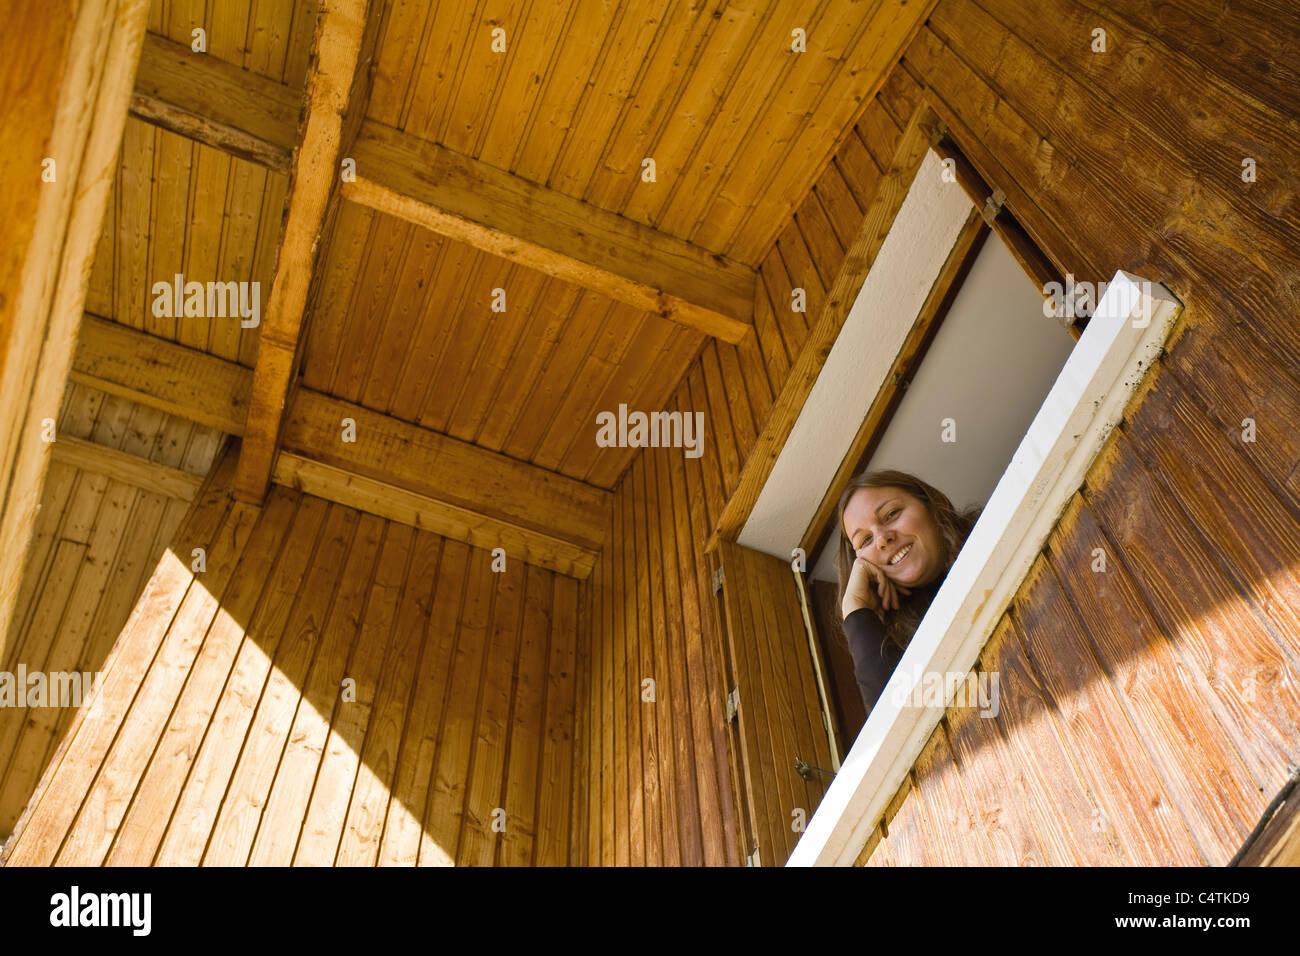 Mujer mirando por la ventana, mirando a la cámara Imagen De Stock